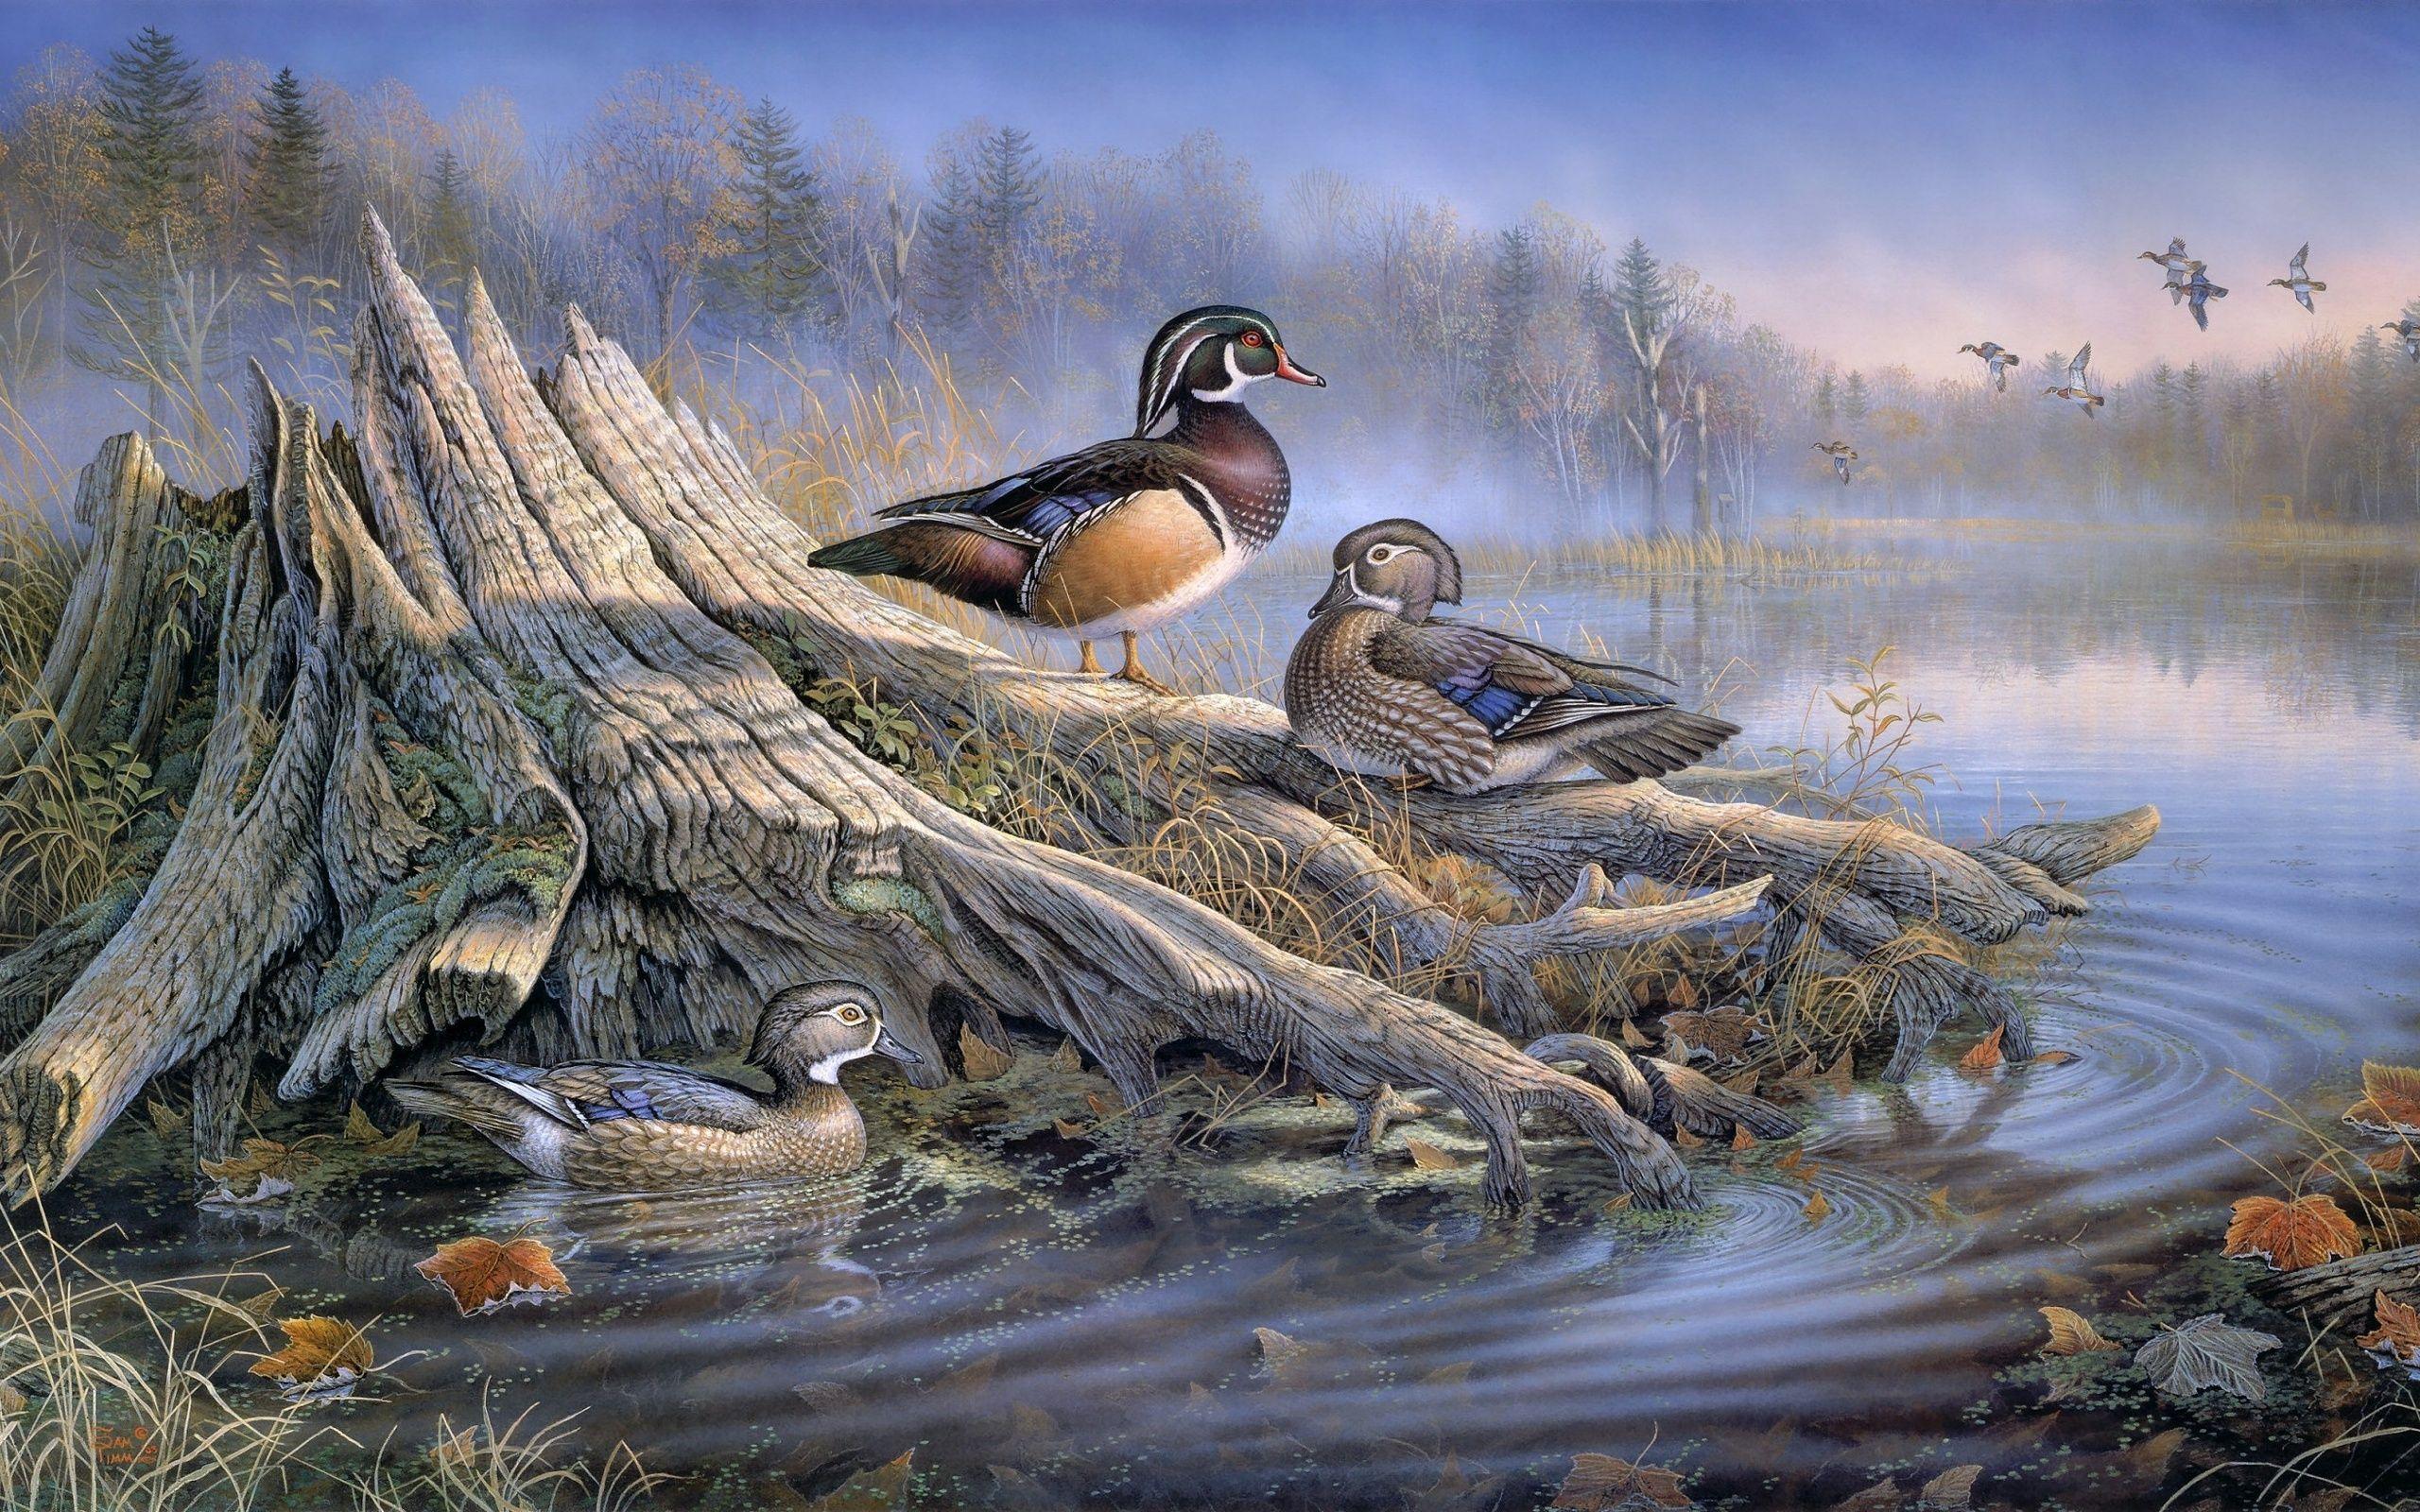 картинки для декупажа утки охота за сокровищами выпуске узнаете